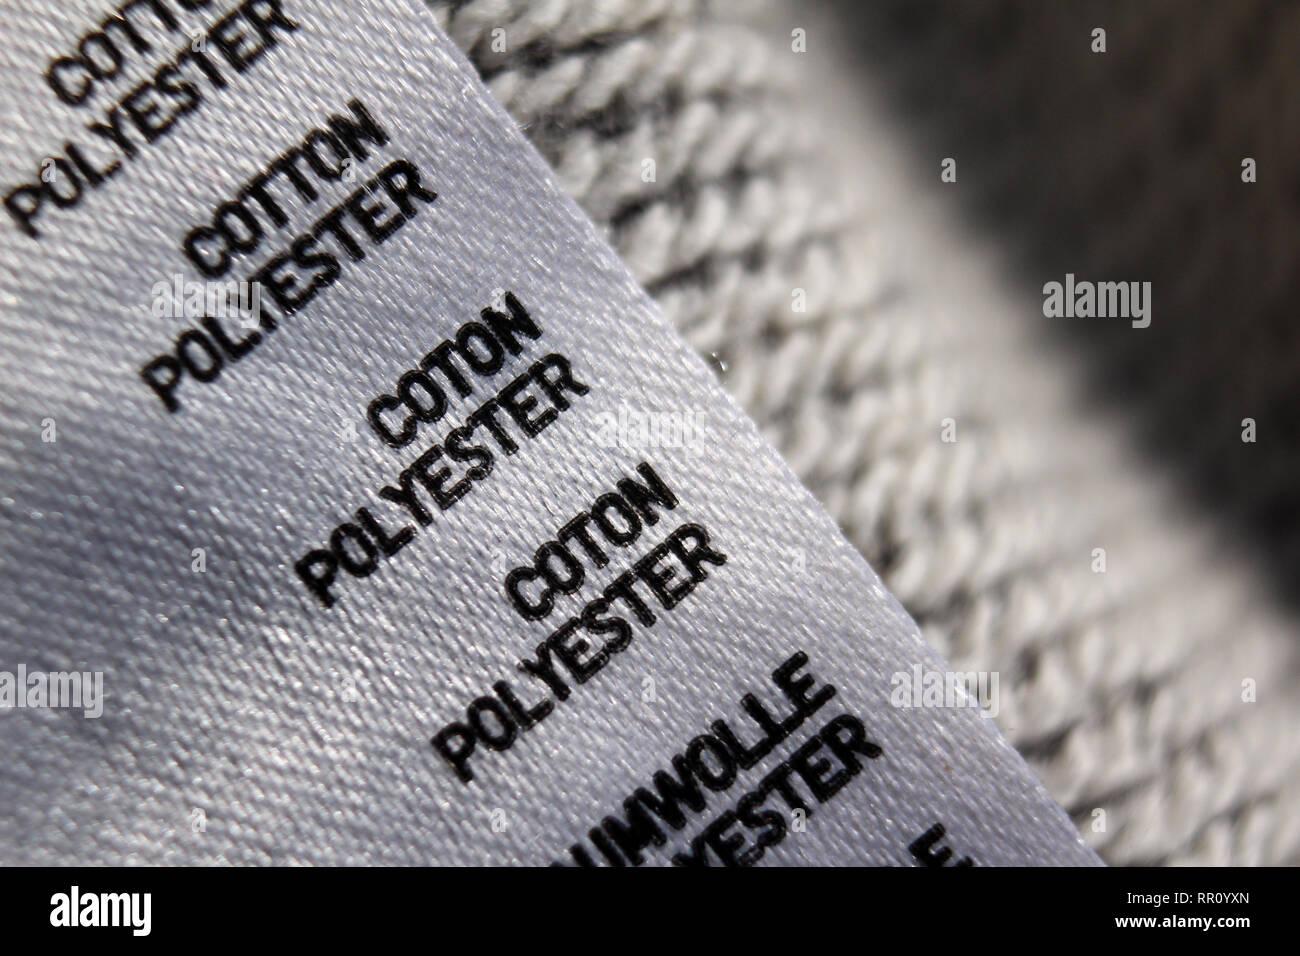 Il cotone Etichetta in poliestere in capi di abbigliamento di rivestimento che mostra il contenuto di tessuto Foto Stock